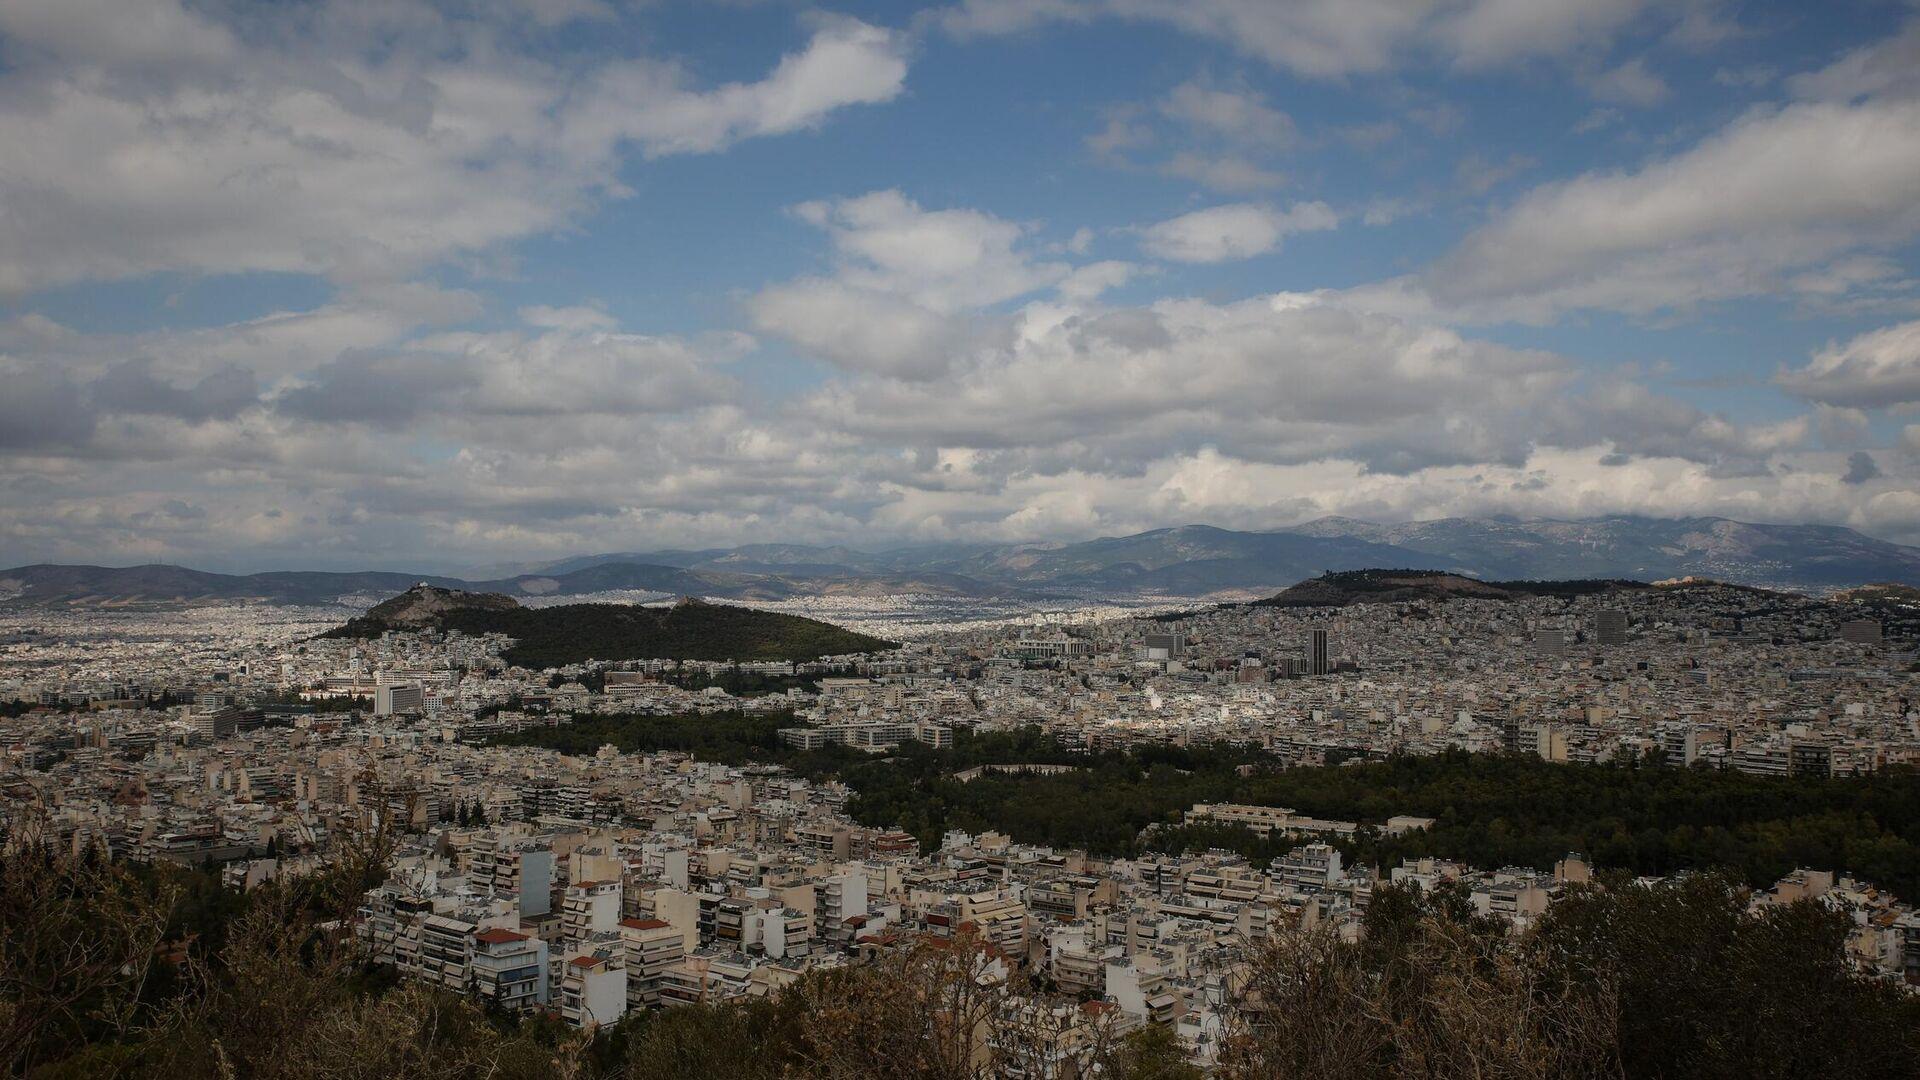 Η Αθήνα εν μέσω πανδημίας - Sputnik Ελλάδα, 1920, 12.10.2021